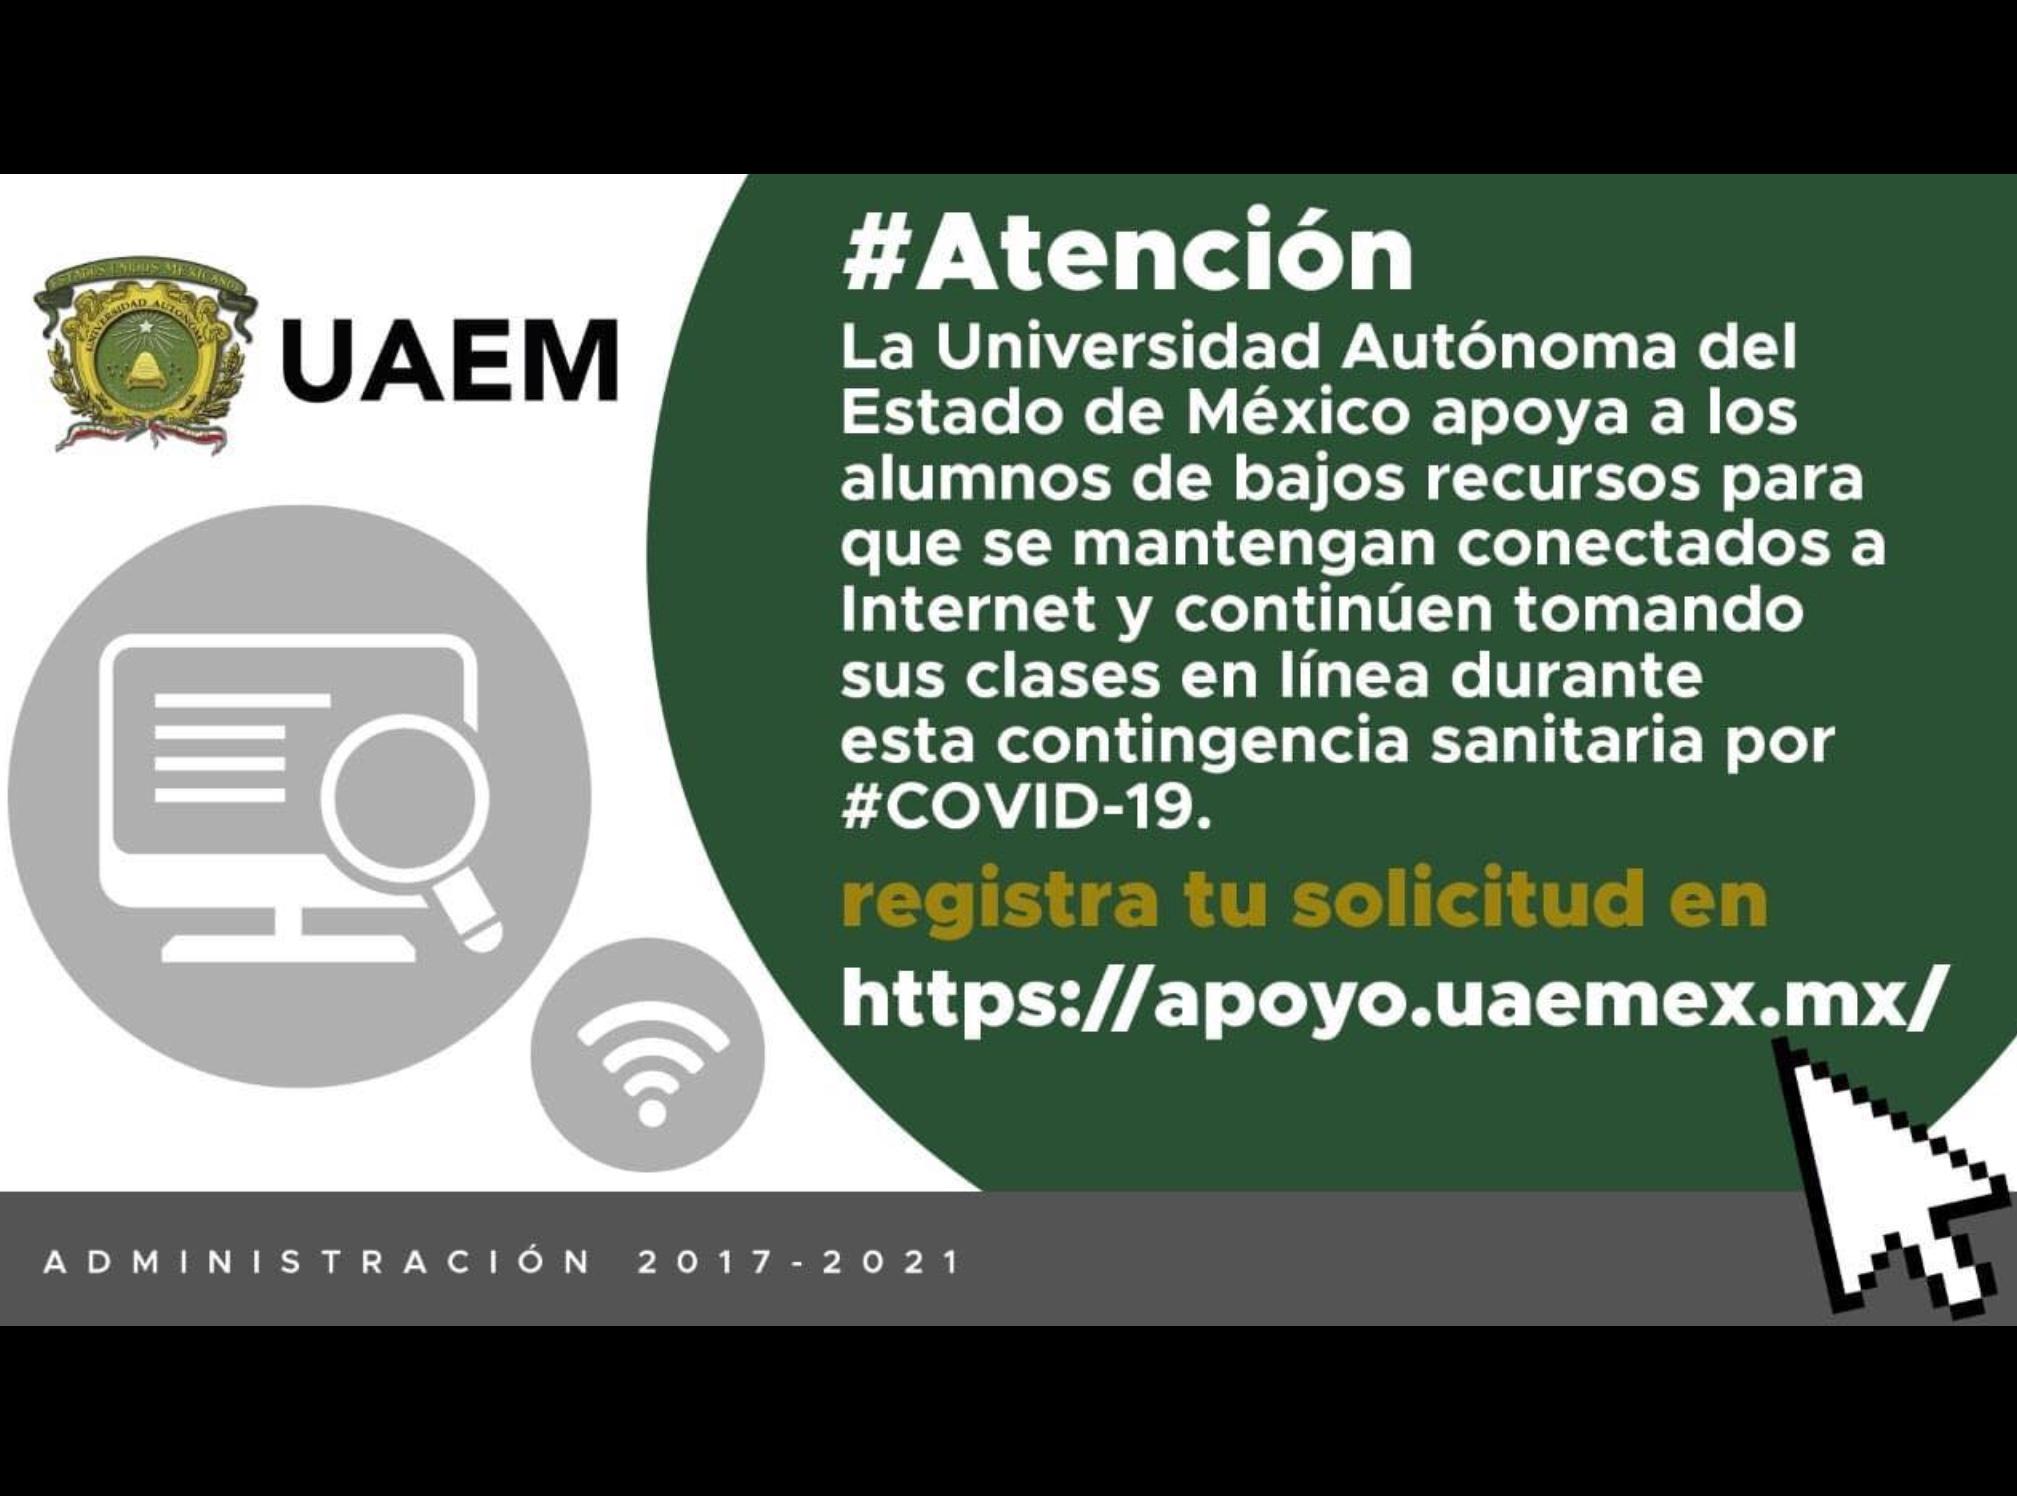 Oferta UAEM beca estudiantil para pagar internet